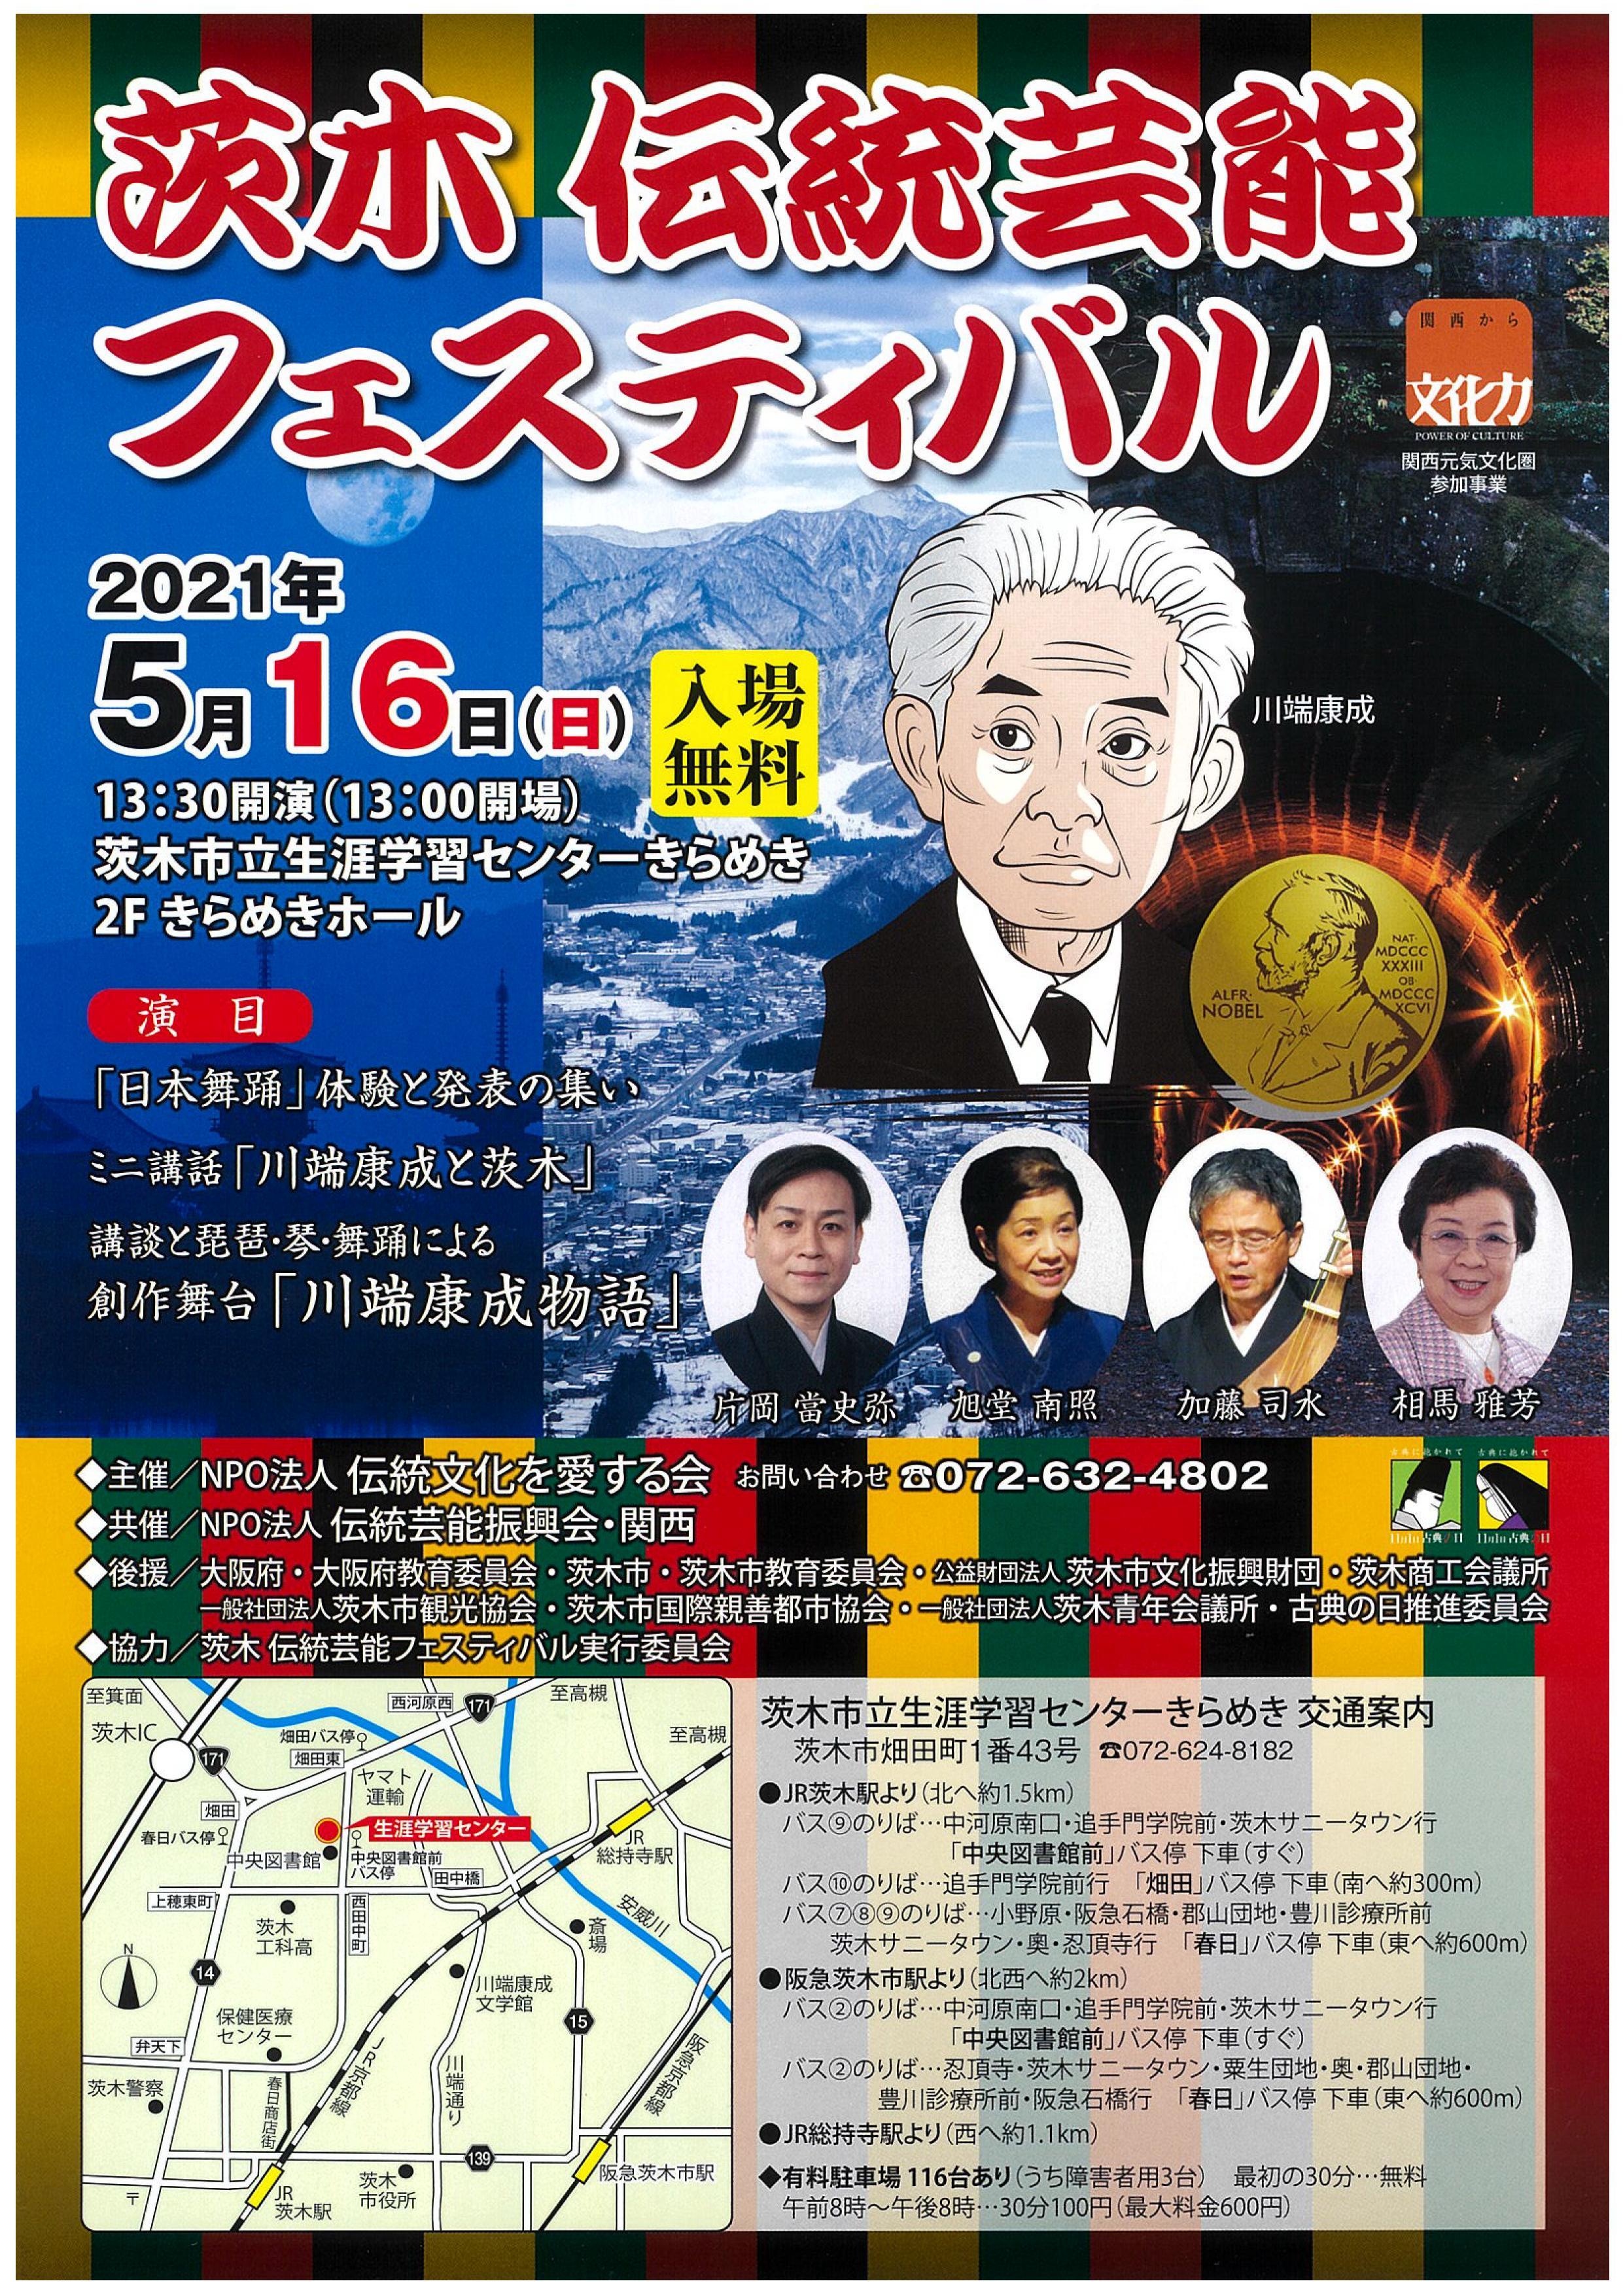 【振替】茨木伝統芸能フェスティバル2021